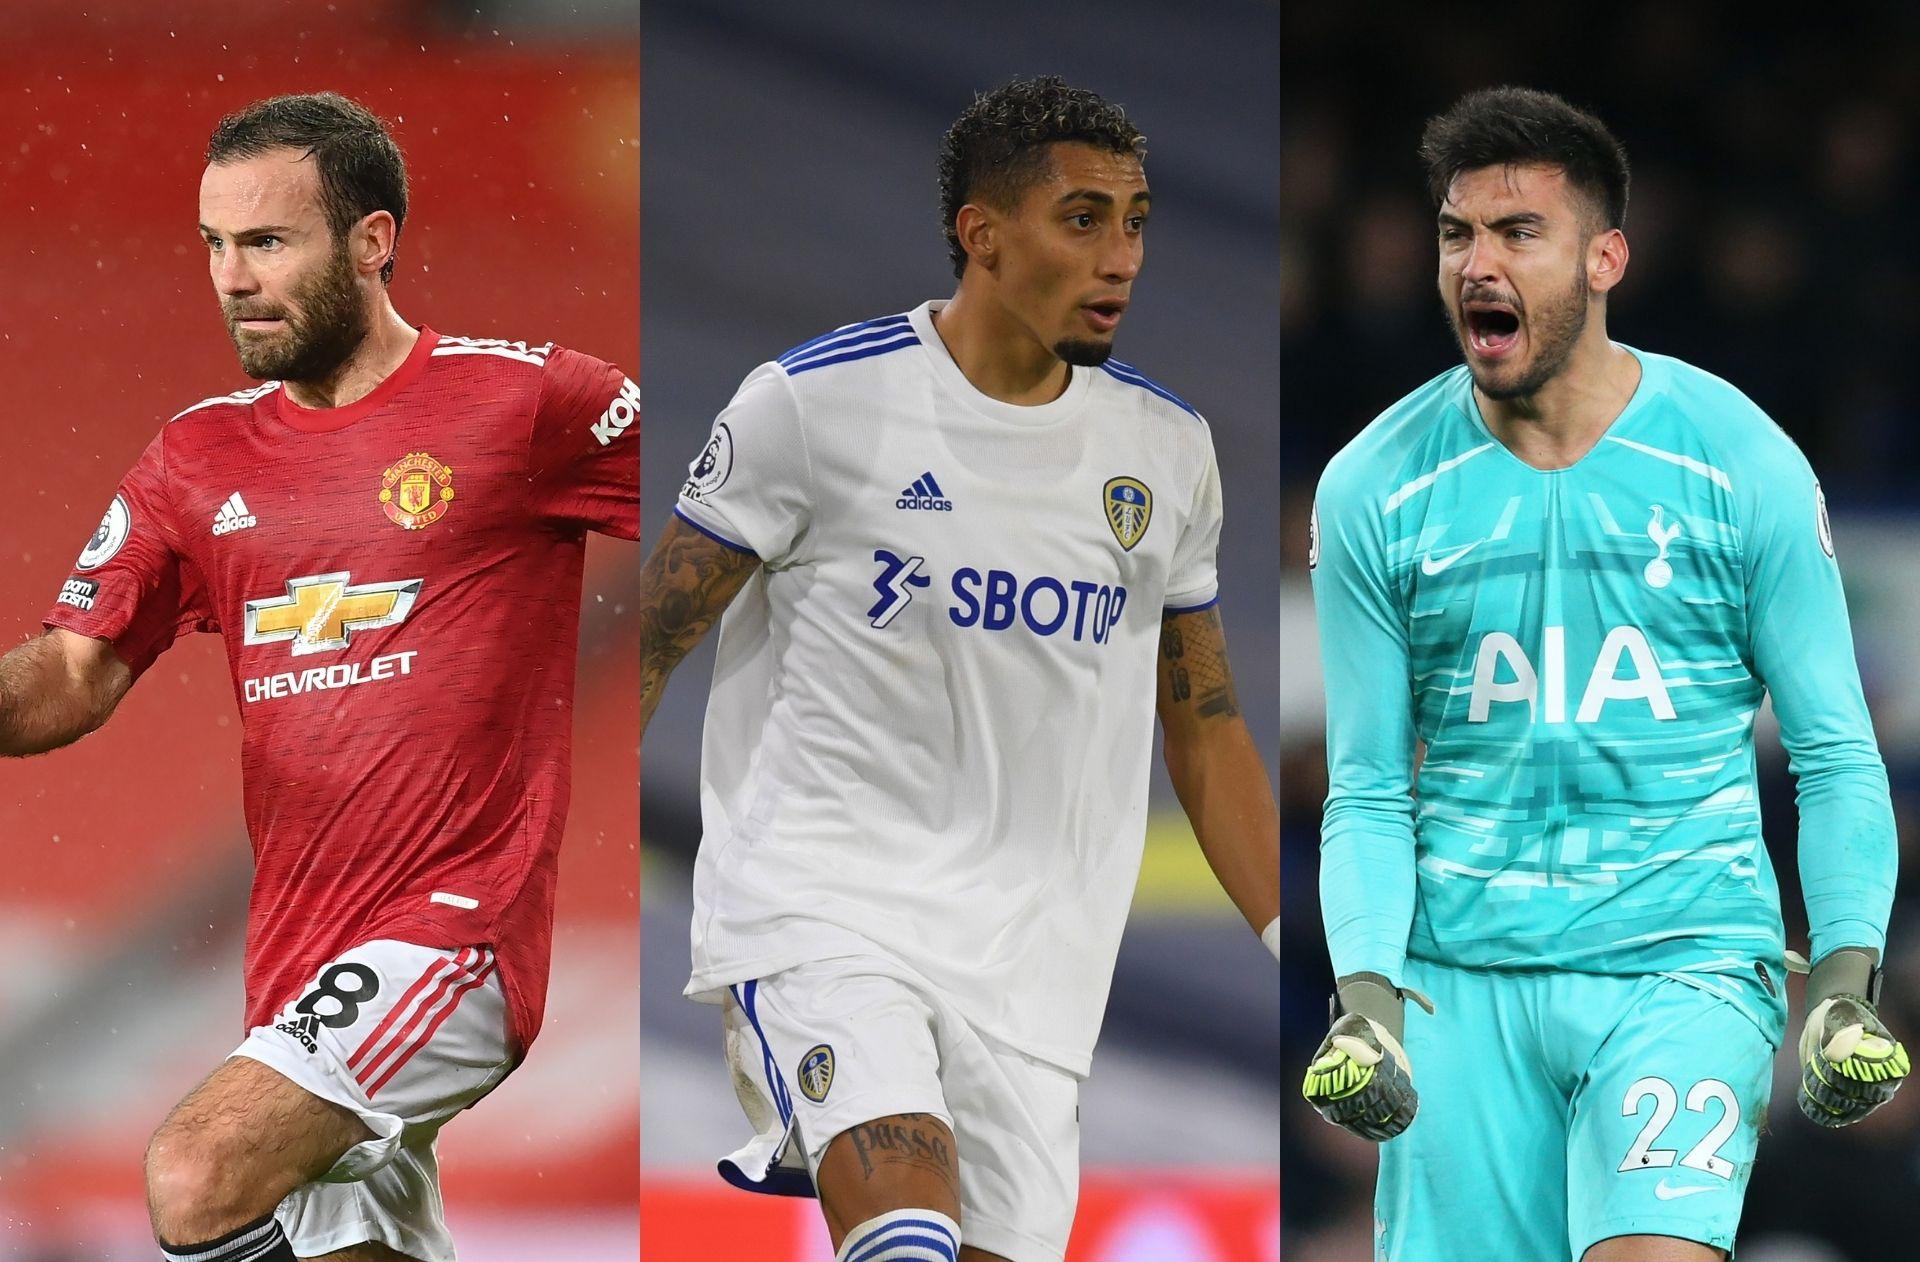 Juan Mata of Manchesteter United, Raphinha of Leeds United, Paulo Gazzaniga of Tottenham